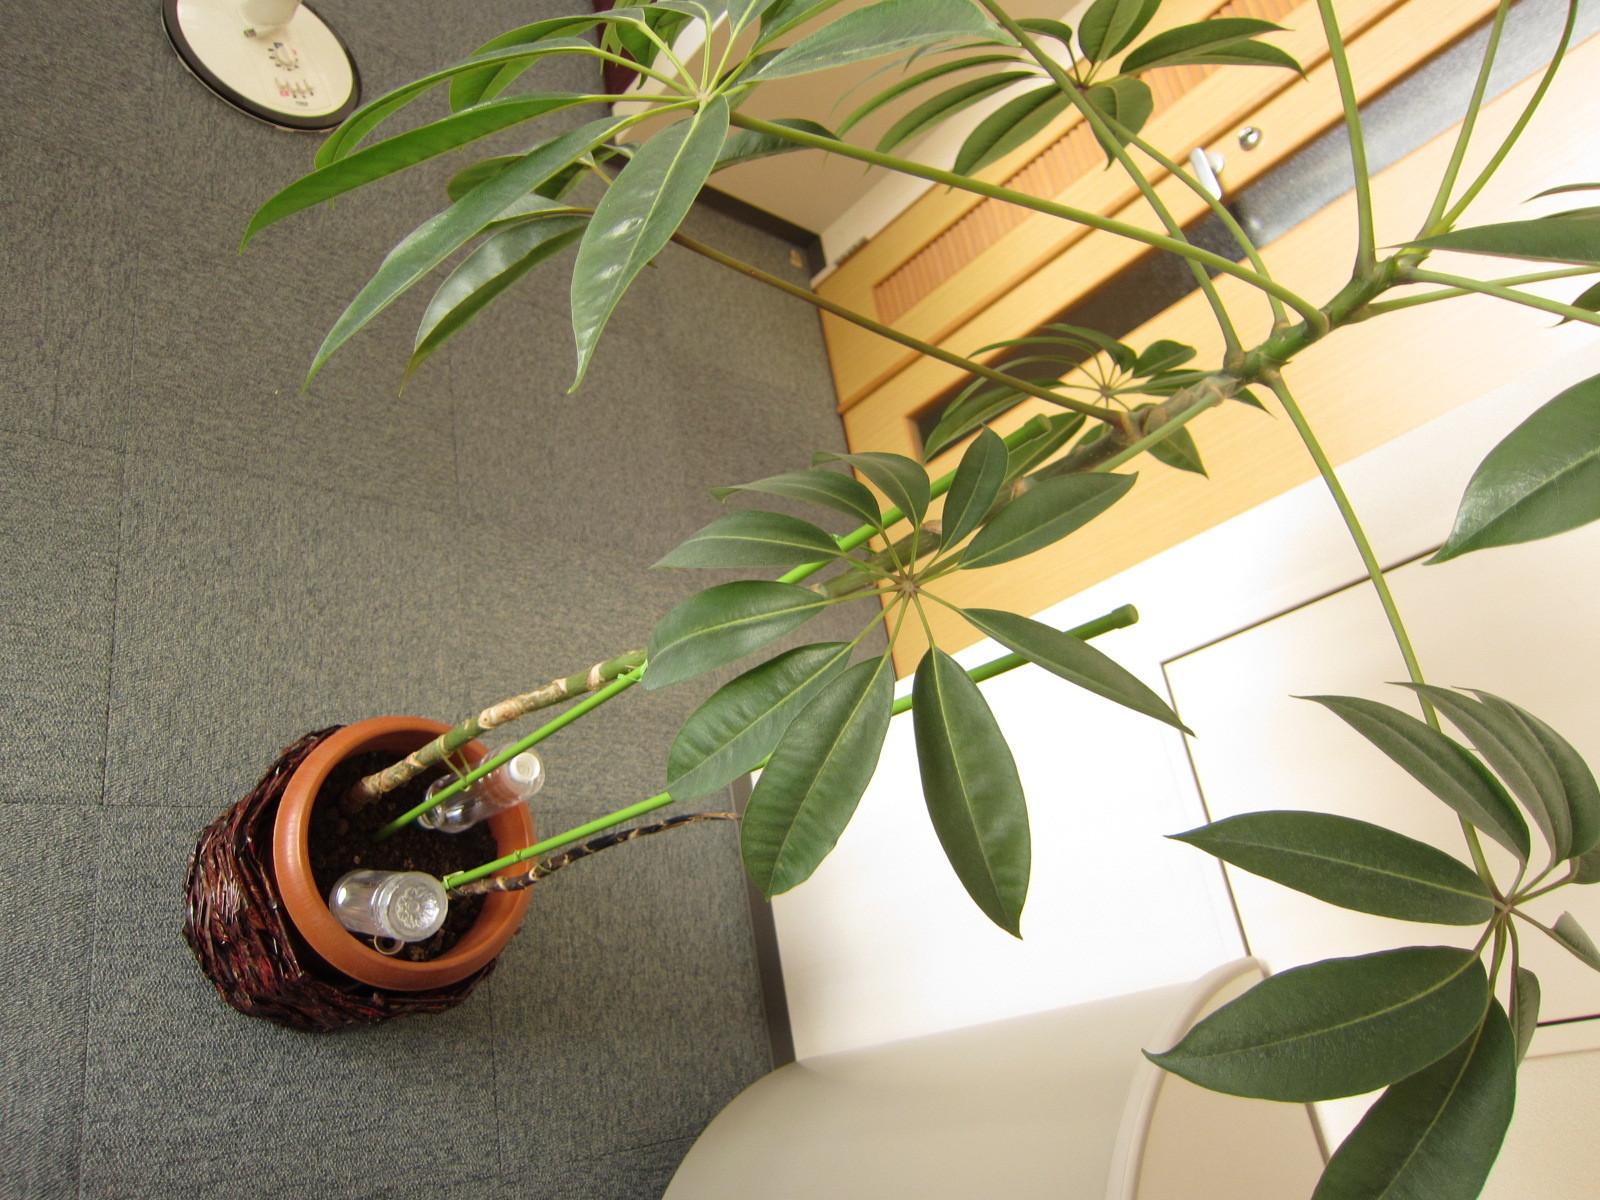 でも、植物が生き生きと見えます!